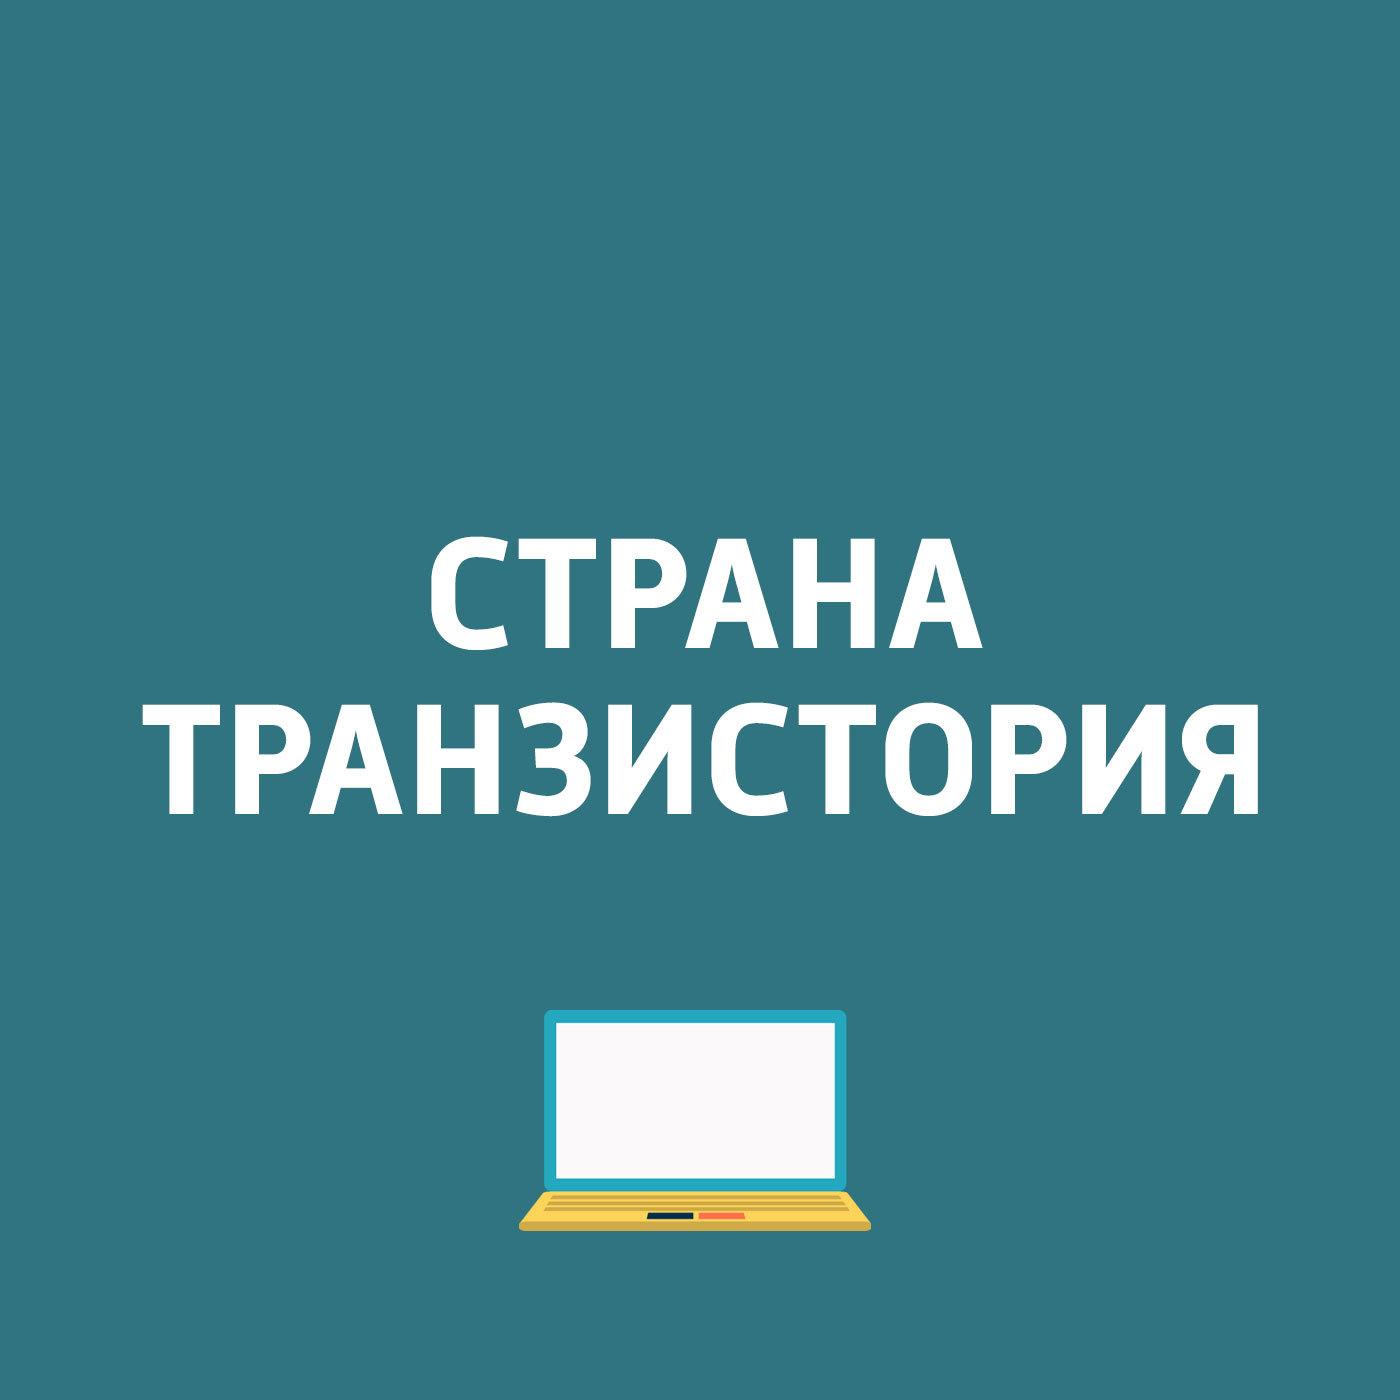 Картаев Павел Роскомнадзор нашел 55 сайтов с личными данными детей из писем Деду Морозу... картаев павел обзор новых смартфонов в июне аэрофлот разрешил не выключать гаджеты